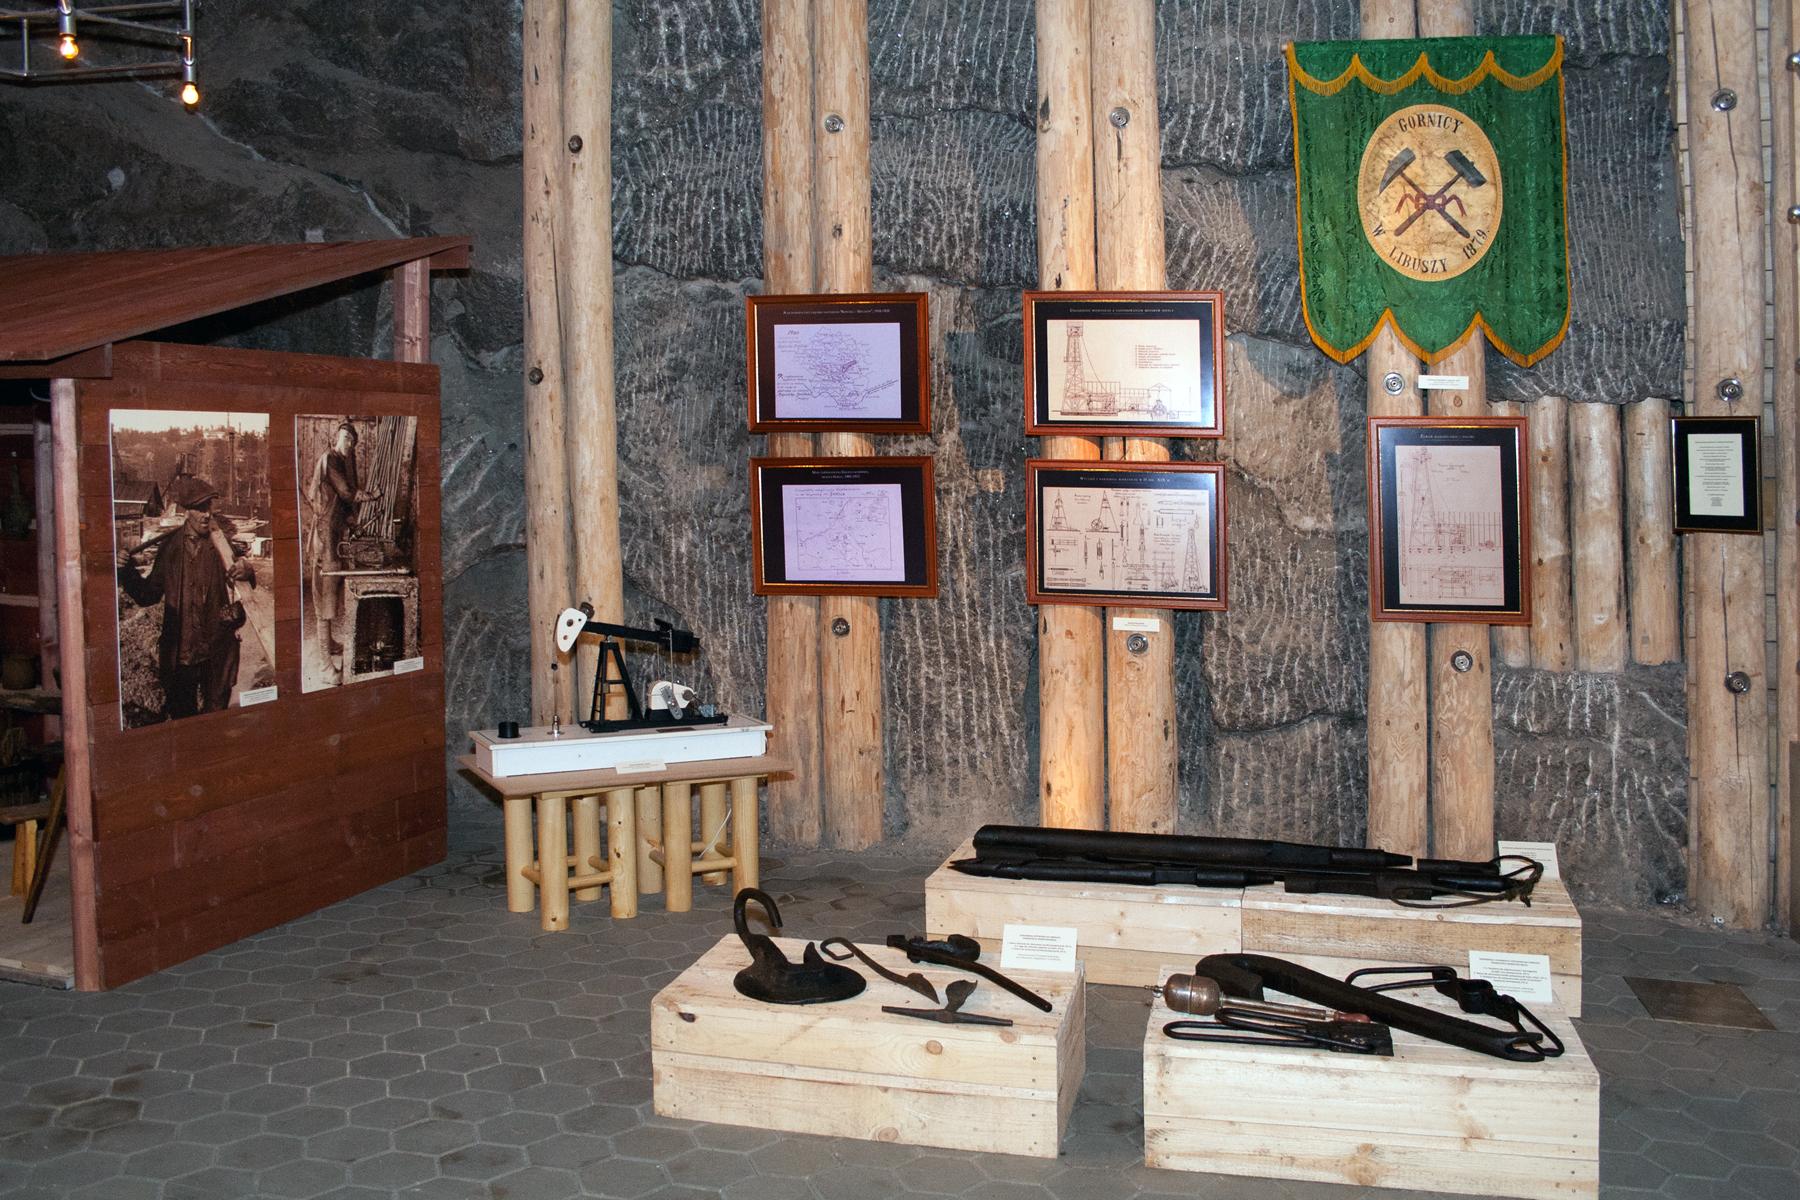 Wielcy i mali wystawa i wernisaż 20.07.2012 r., fot. A. Grzybowski, L. Kostuś (8)